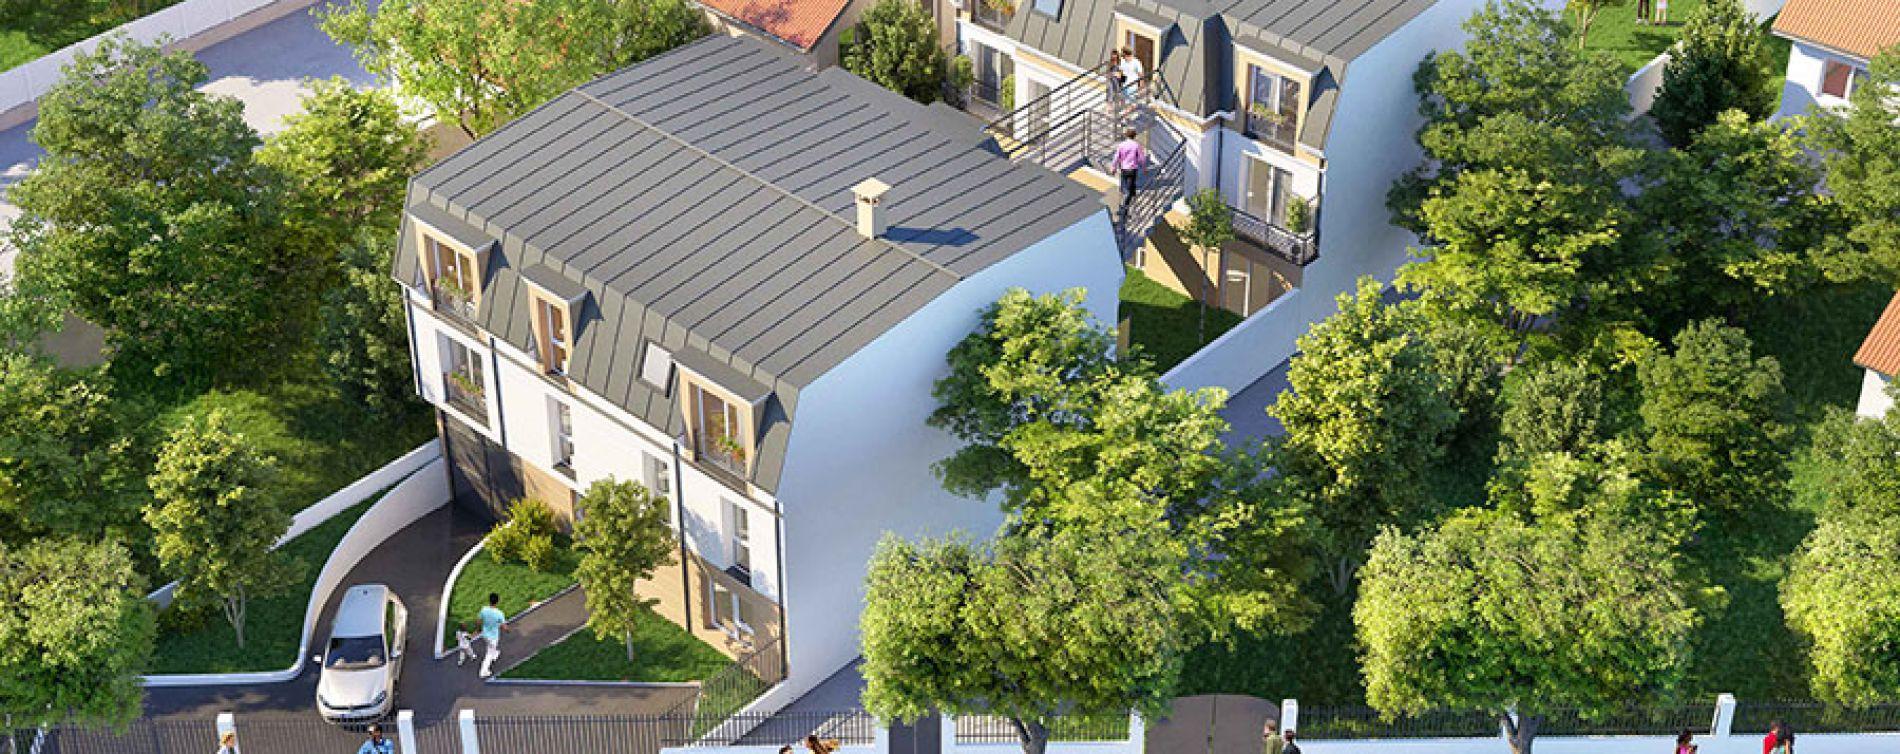 victor hugo 1 fontenay sous bois programme immobilier neuf n 214322. Black Bedroom Furniture Sets. Home Design Ideas